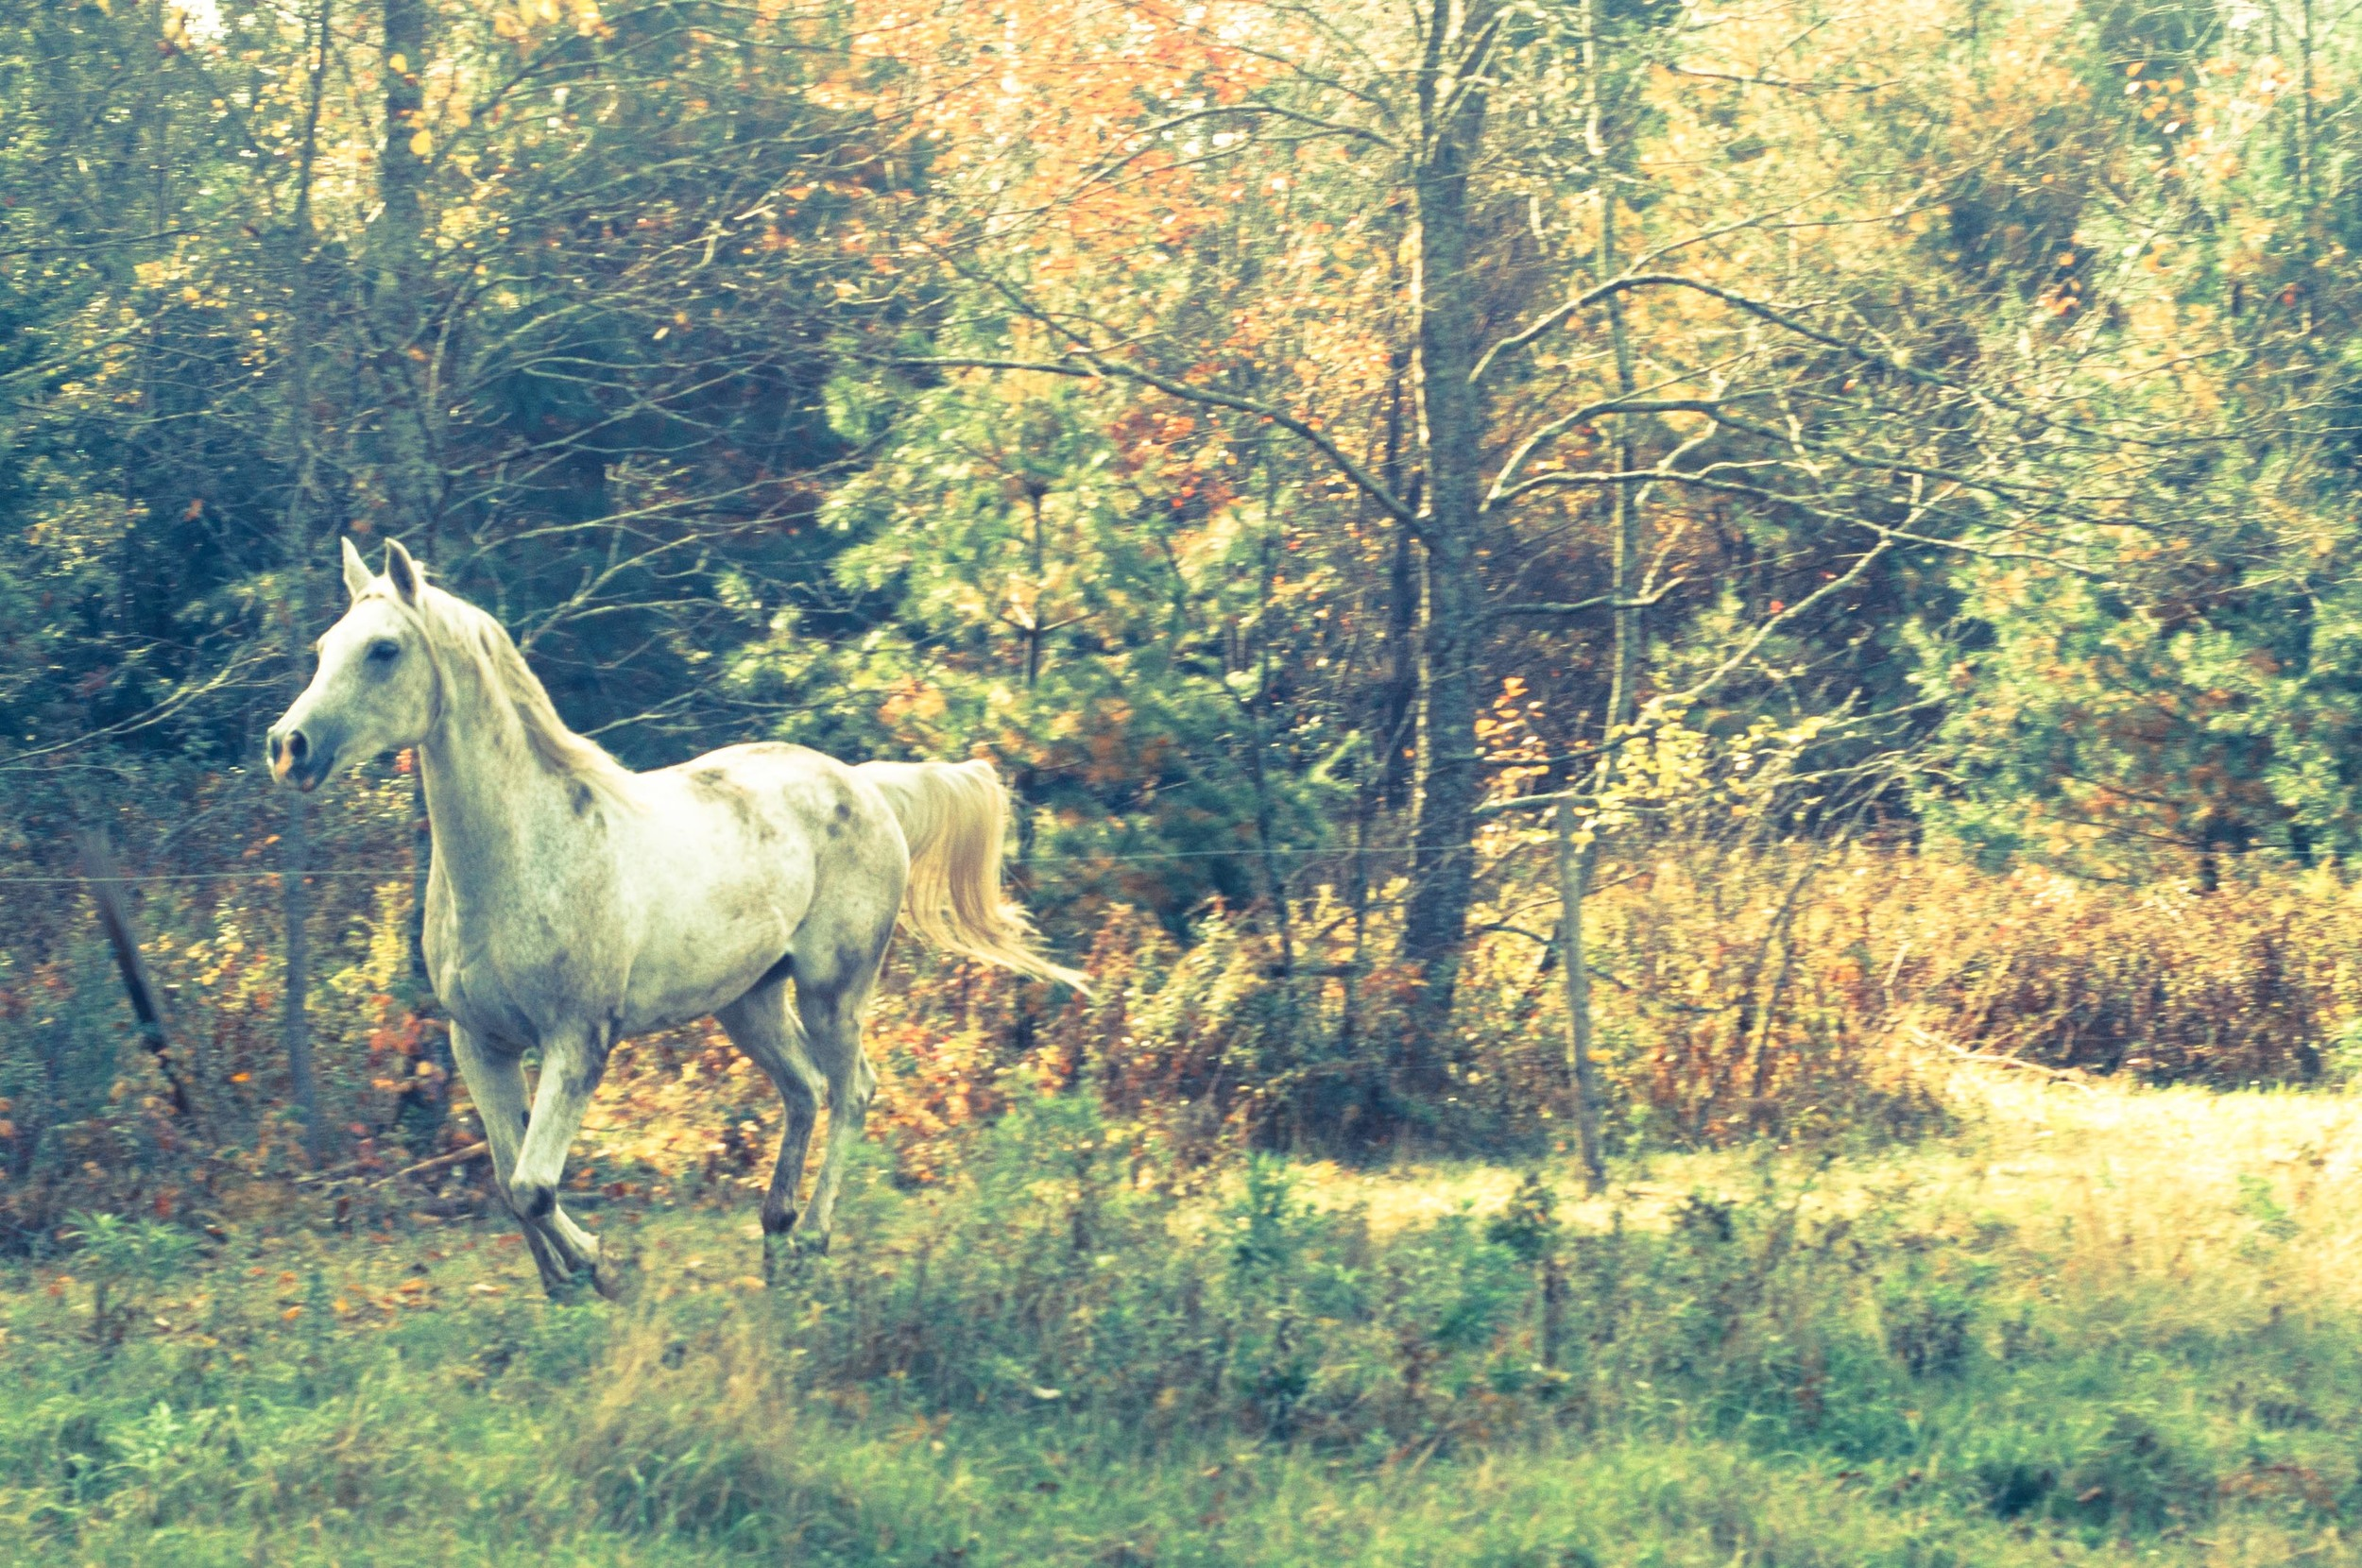 Sojourner galloping